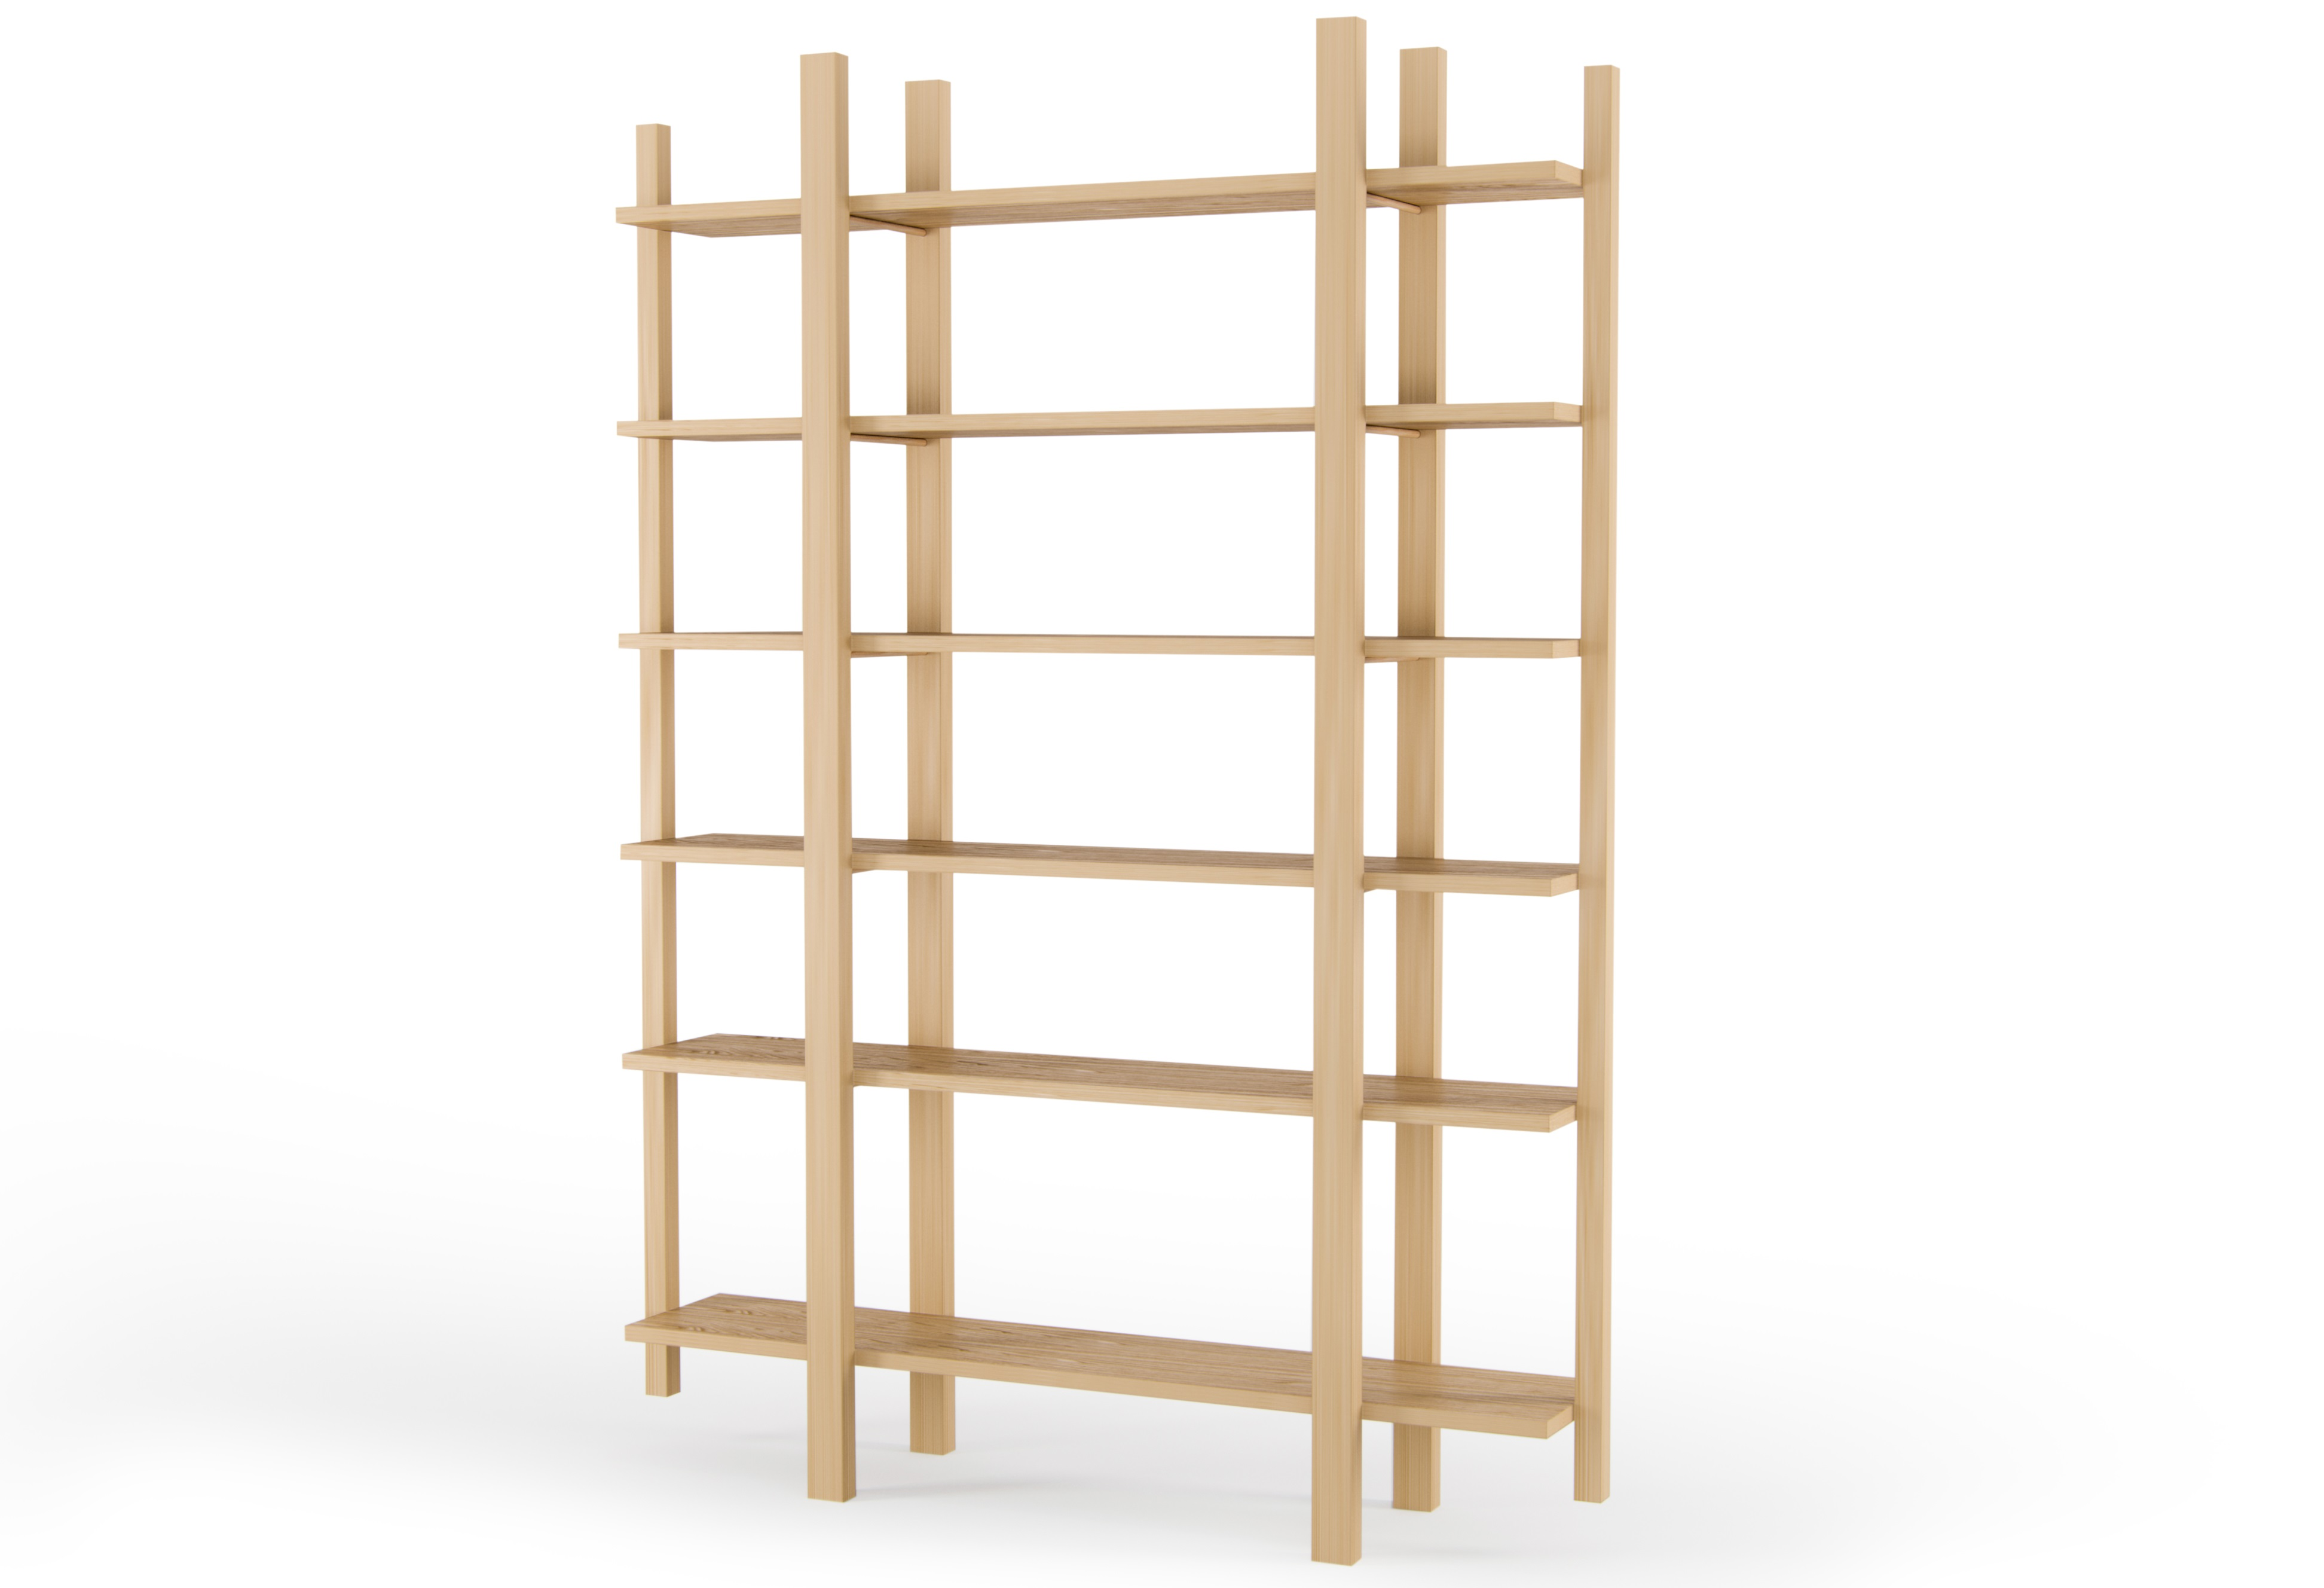 СтеллажСтеллажи<br>Дизайн стеллажа неразрывно связан с общей концепцией мебели Woodi: функциональность, качество и простота скандинавского дизайна. Стеллаж многовариантного использования для хранения книг, альбомов, декора и ценных мелочей. Стеллаж может использоваться как дома в гостиной или прихожей , так и в офисах, барах и ресторанах, и везде, где необходимо необычное и современное решение для хранения полезных мелочей. Собирается самостоятельно без использования инструментов. Материал: Массив дуба, МДФ, шпон дуба, лак<br><br>Material: Дерево<br>Width см: 150<br>Depth см: 28<br>Height см: 215